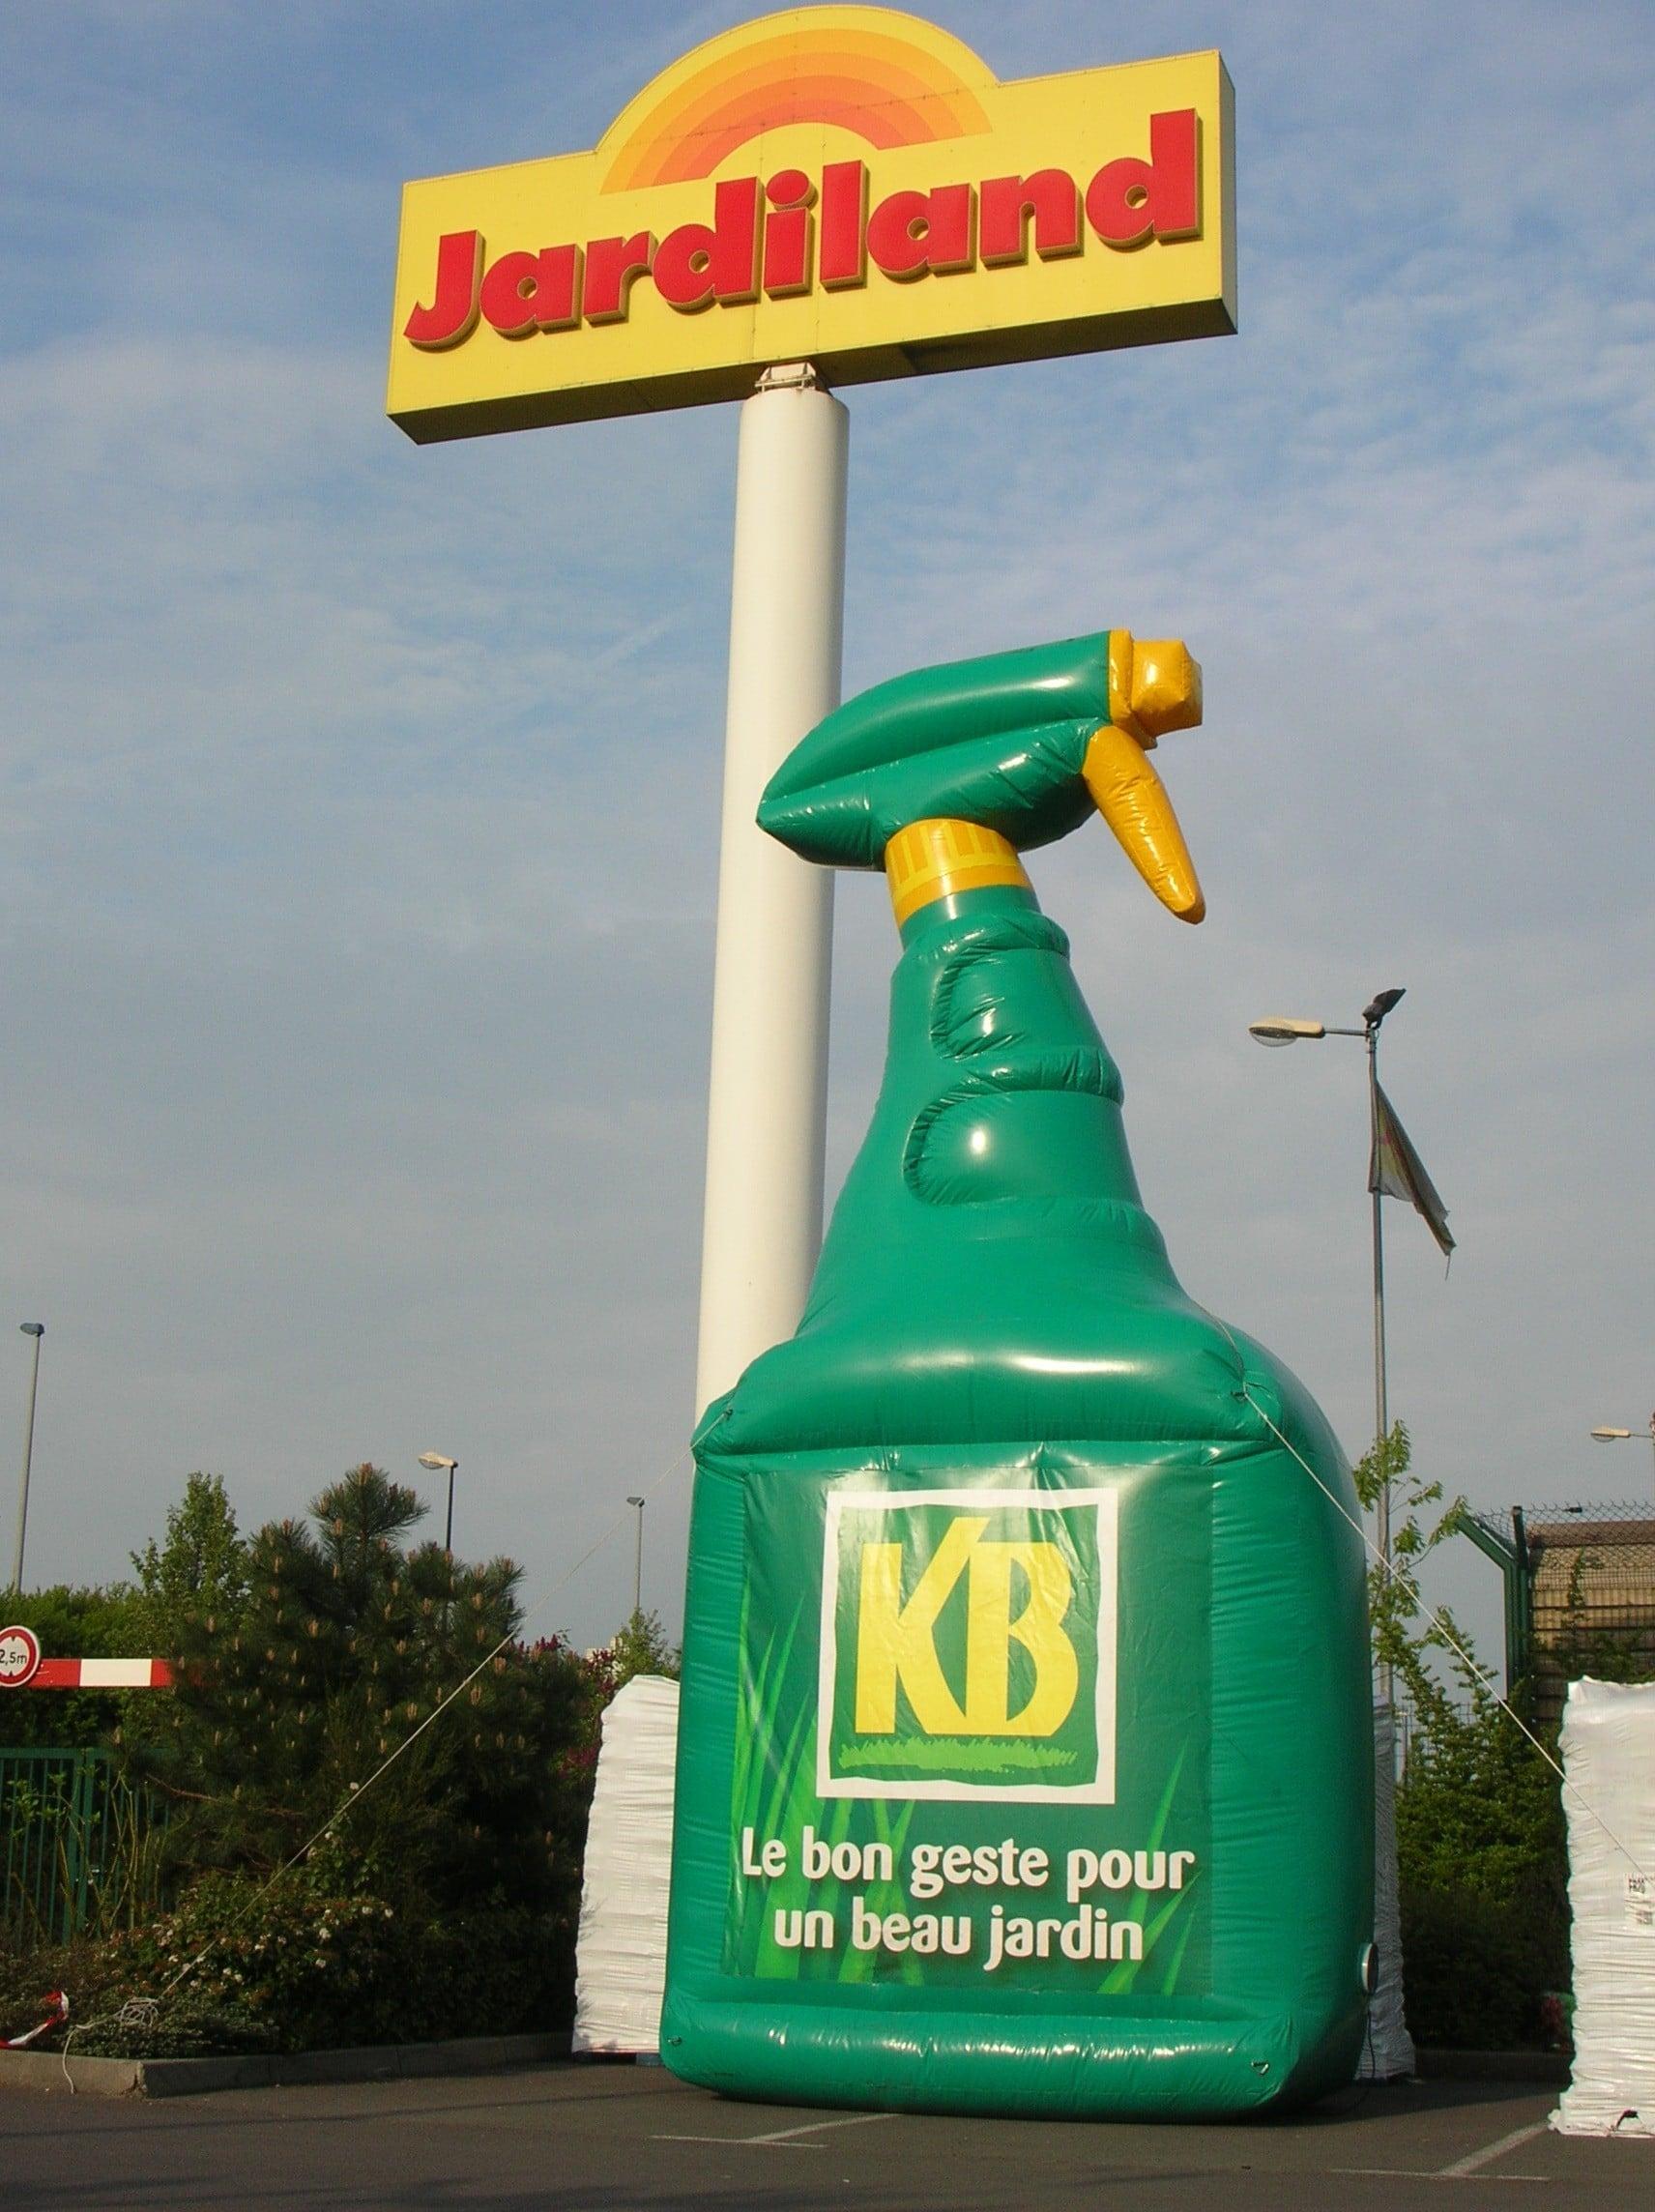 Répliques de produit KB